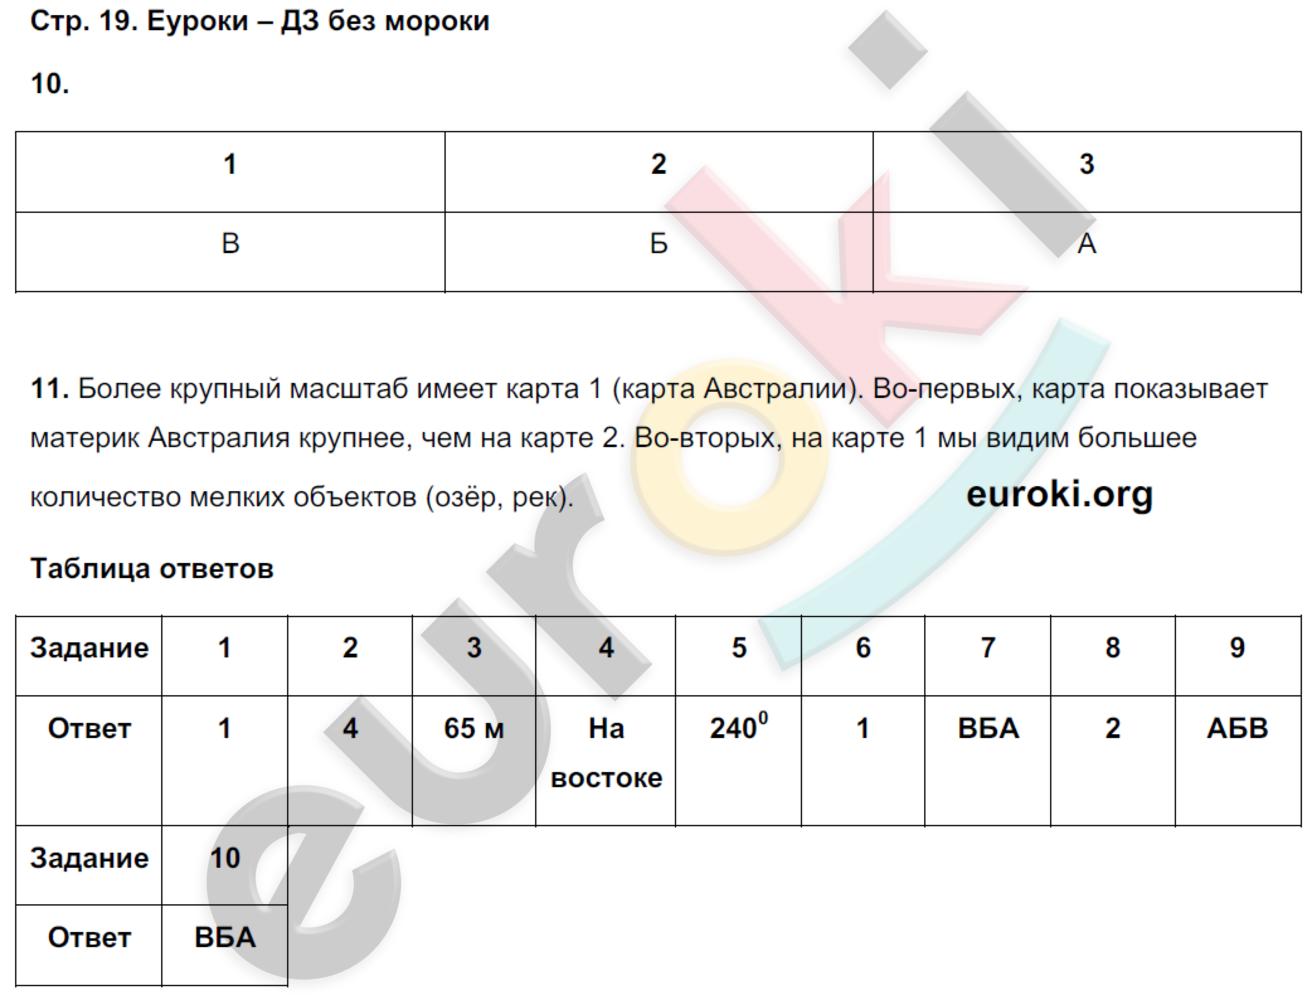 ГДЗ по географии 5 класс тетрадь экзаменатор Барабанов. Задание: стр. 19